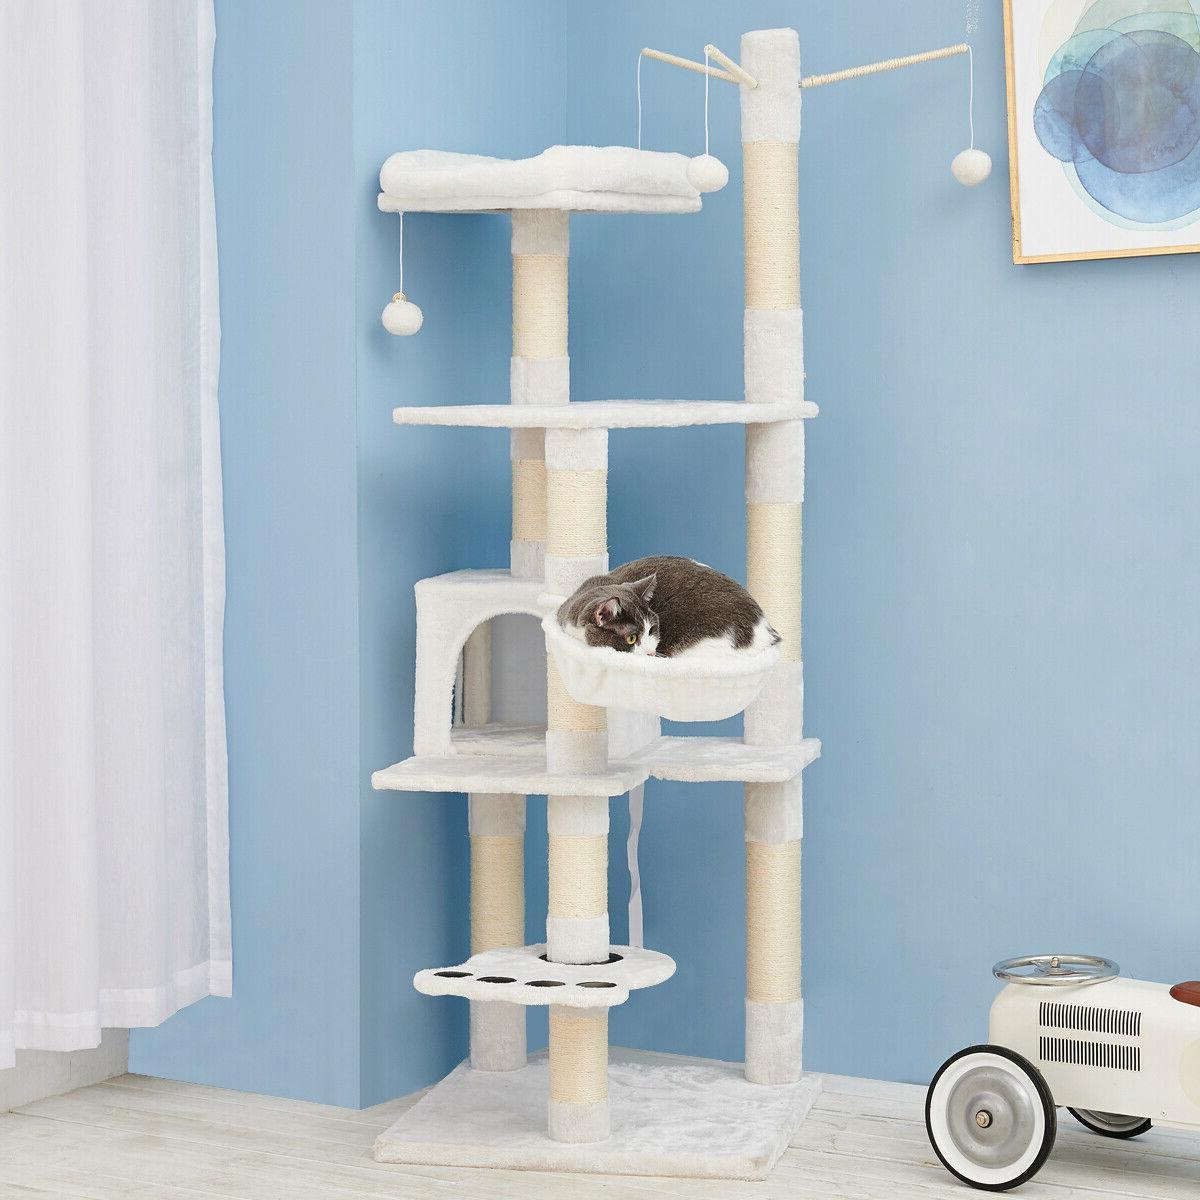 Sisal Cat Tree House Condo Play Kitty Climbing